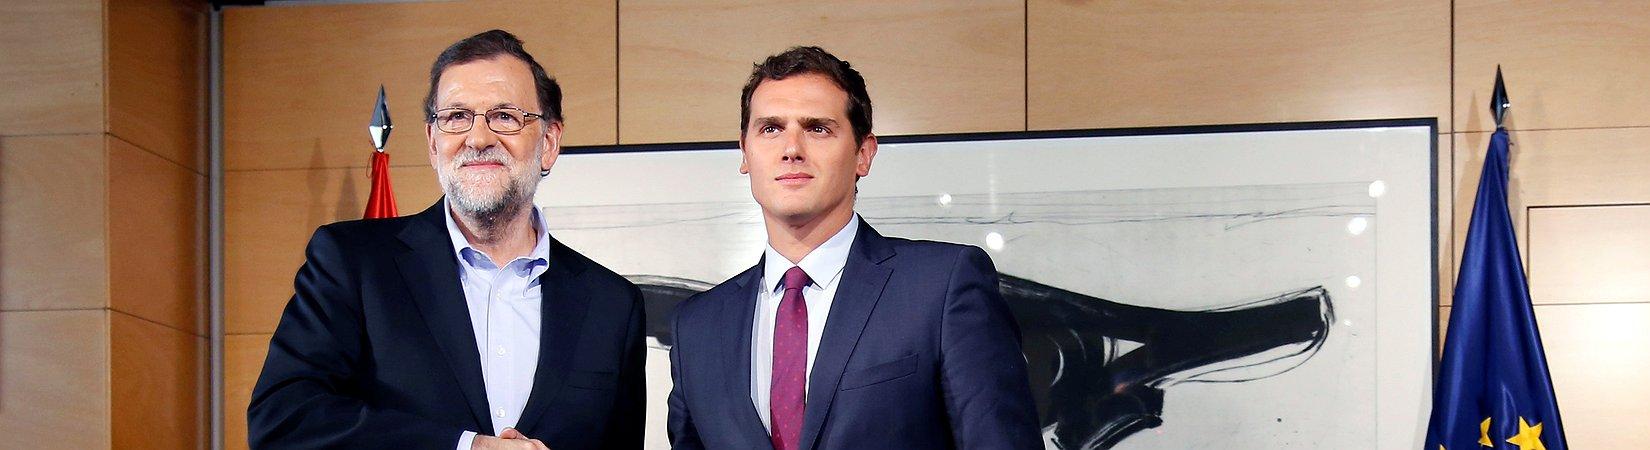 España: más cerca de formar gobierno